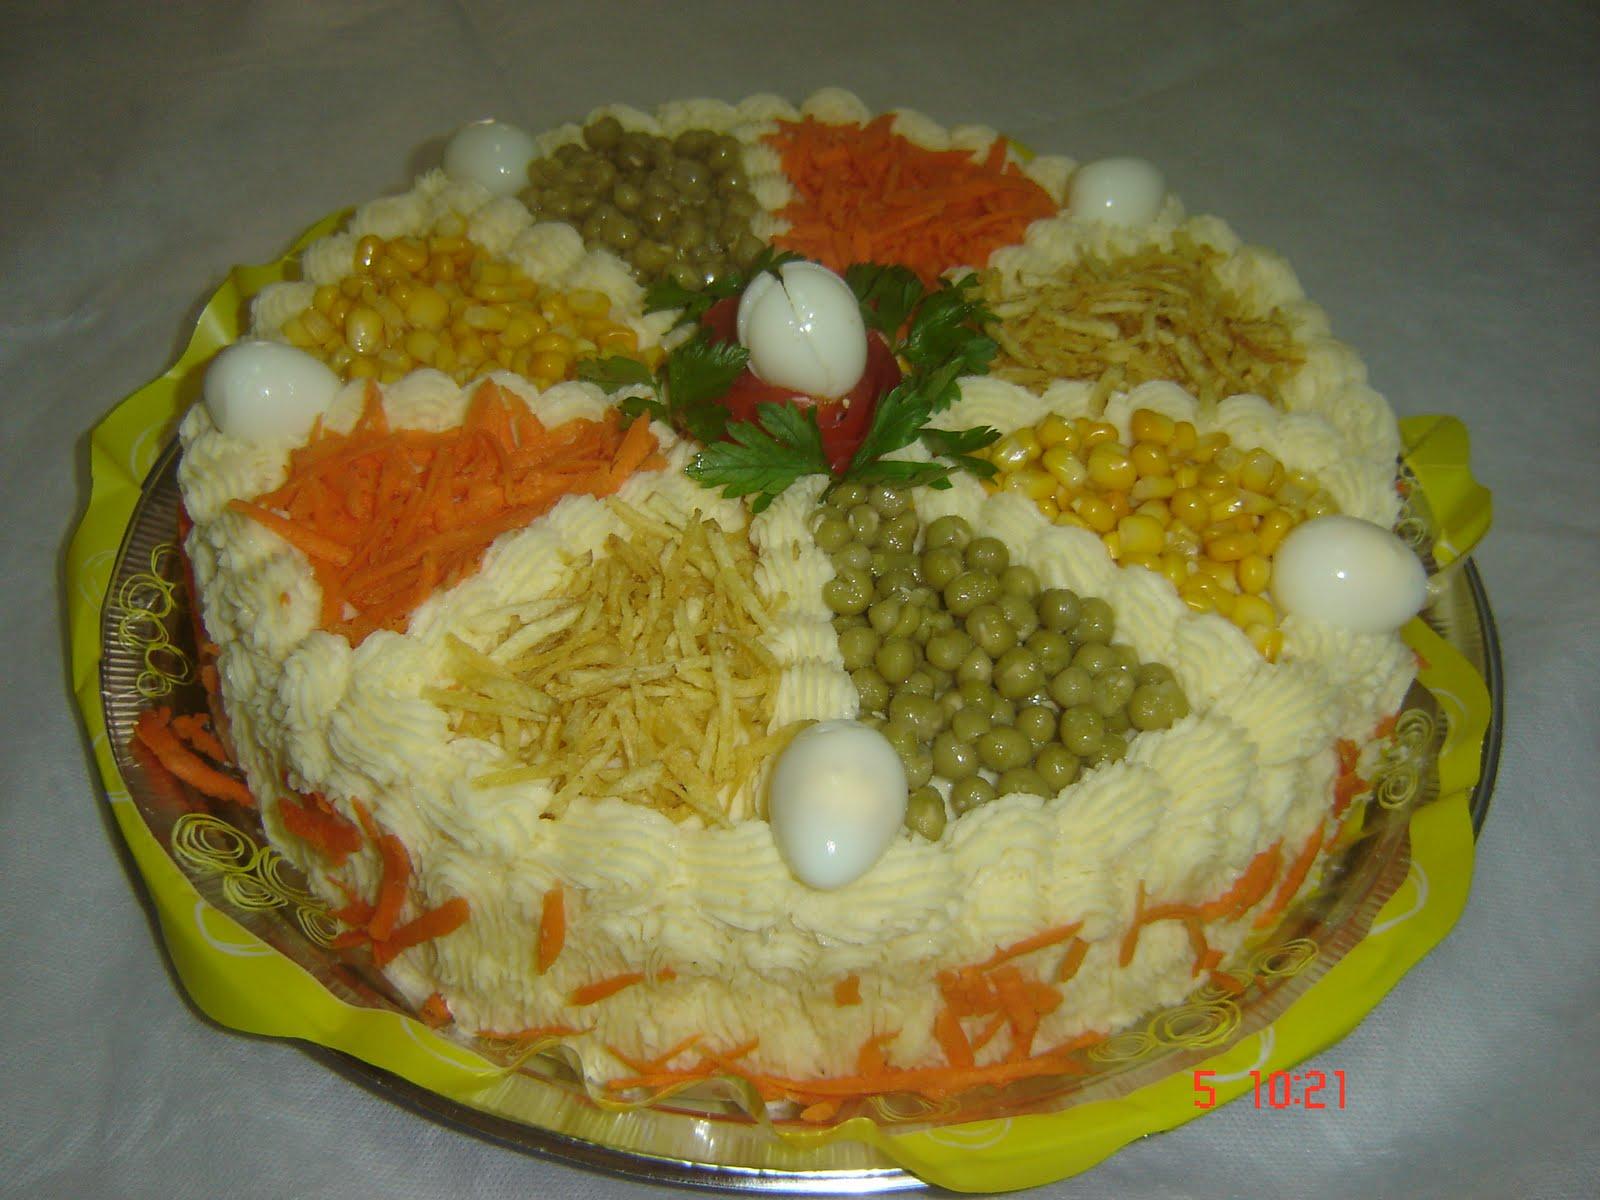 Enfeite De Torta ~ DECORA u00c7ÃO DE TORTAS SALGADAS